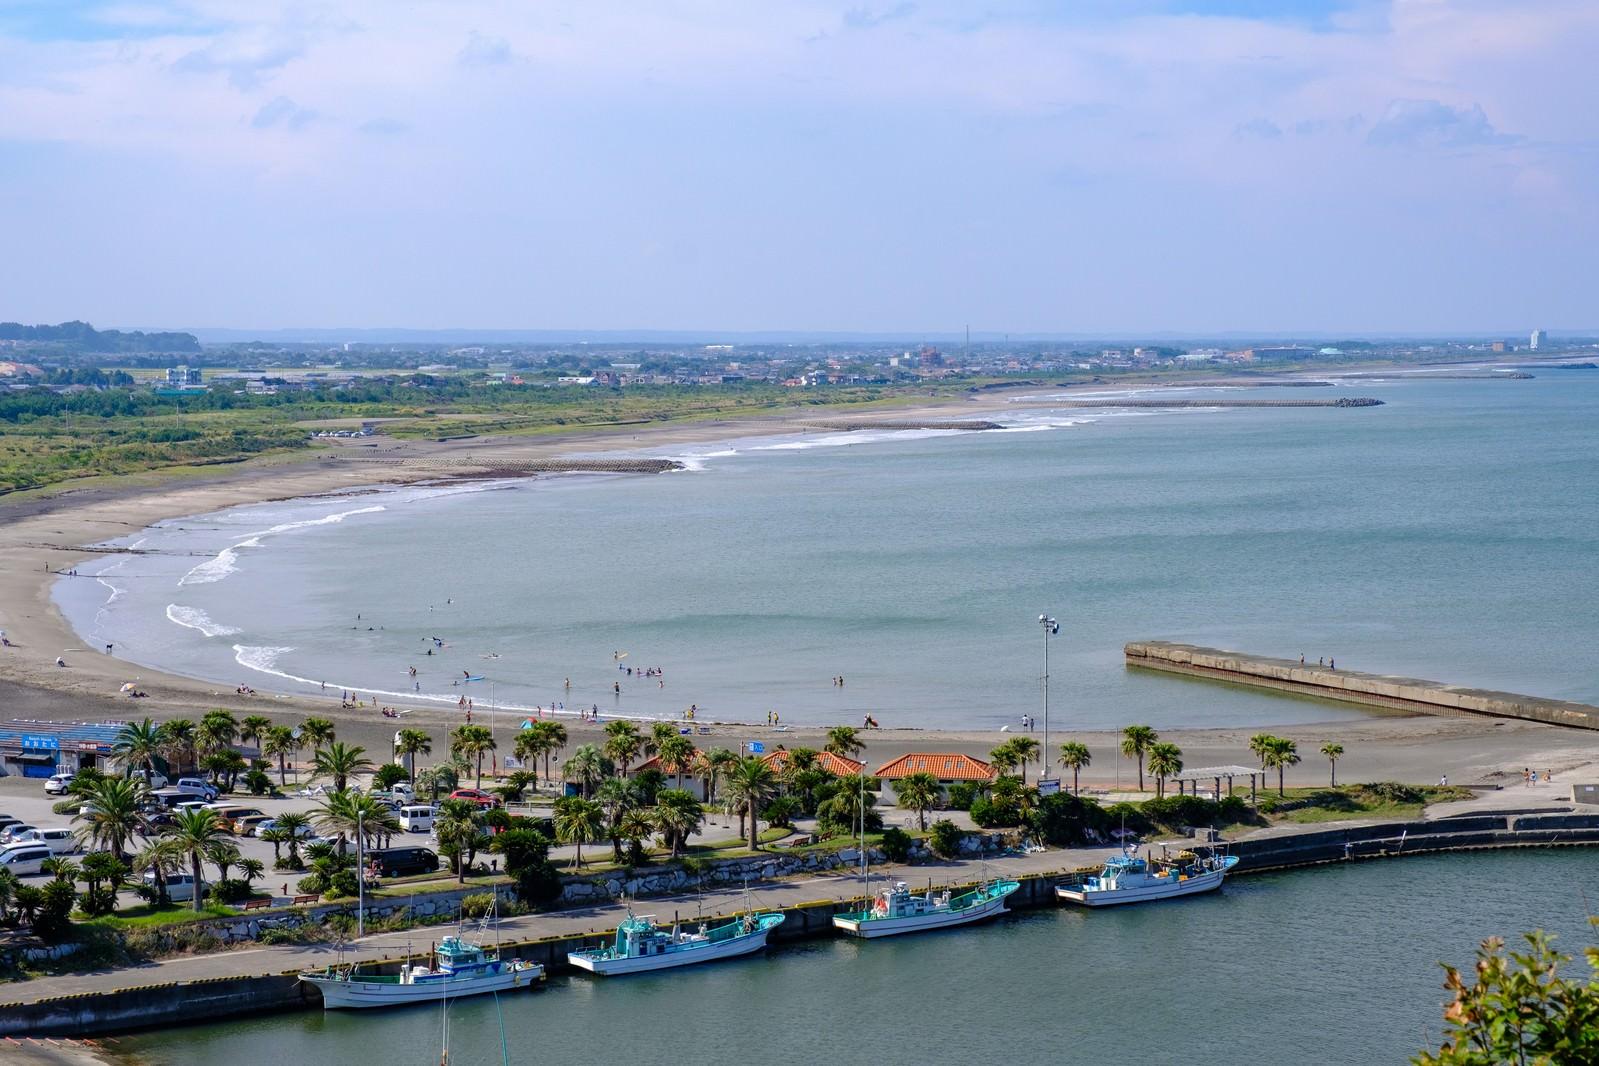 「一宮の街と海を俯瞰した眺め(千葉県一宮町)一宮の街と海を俯瞰した眺め(千葉県一宮町)」のフリー写真素材を拡大